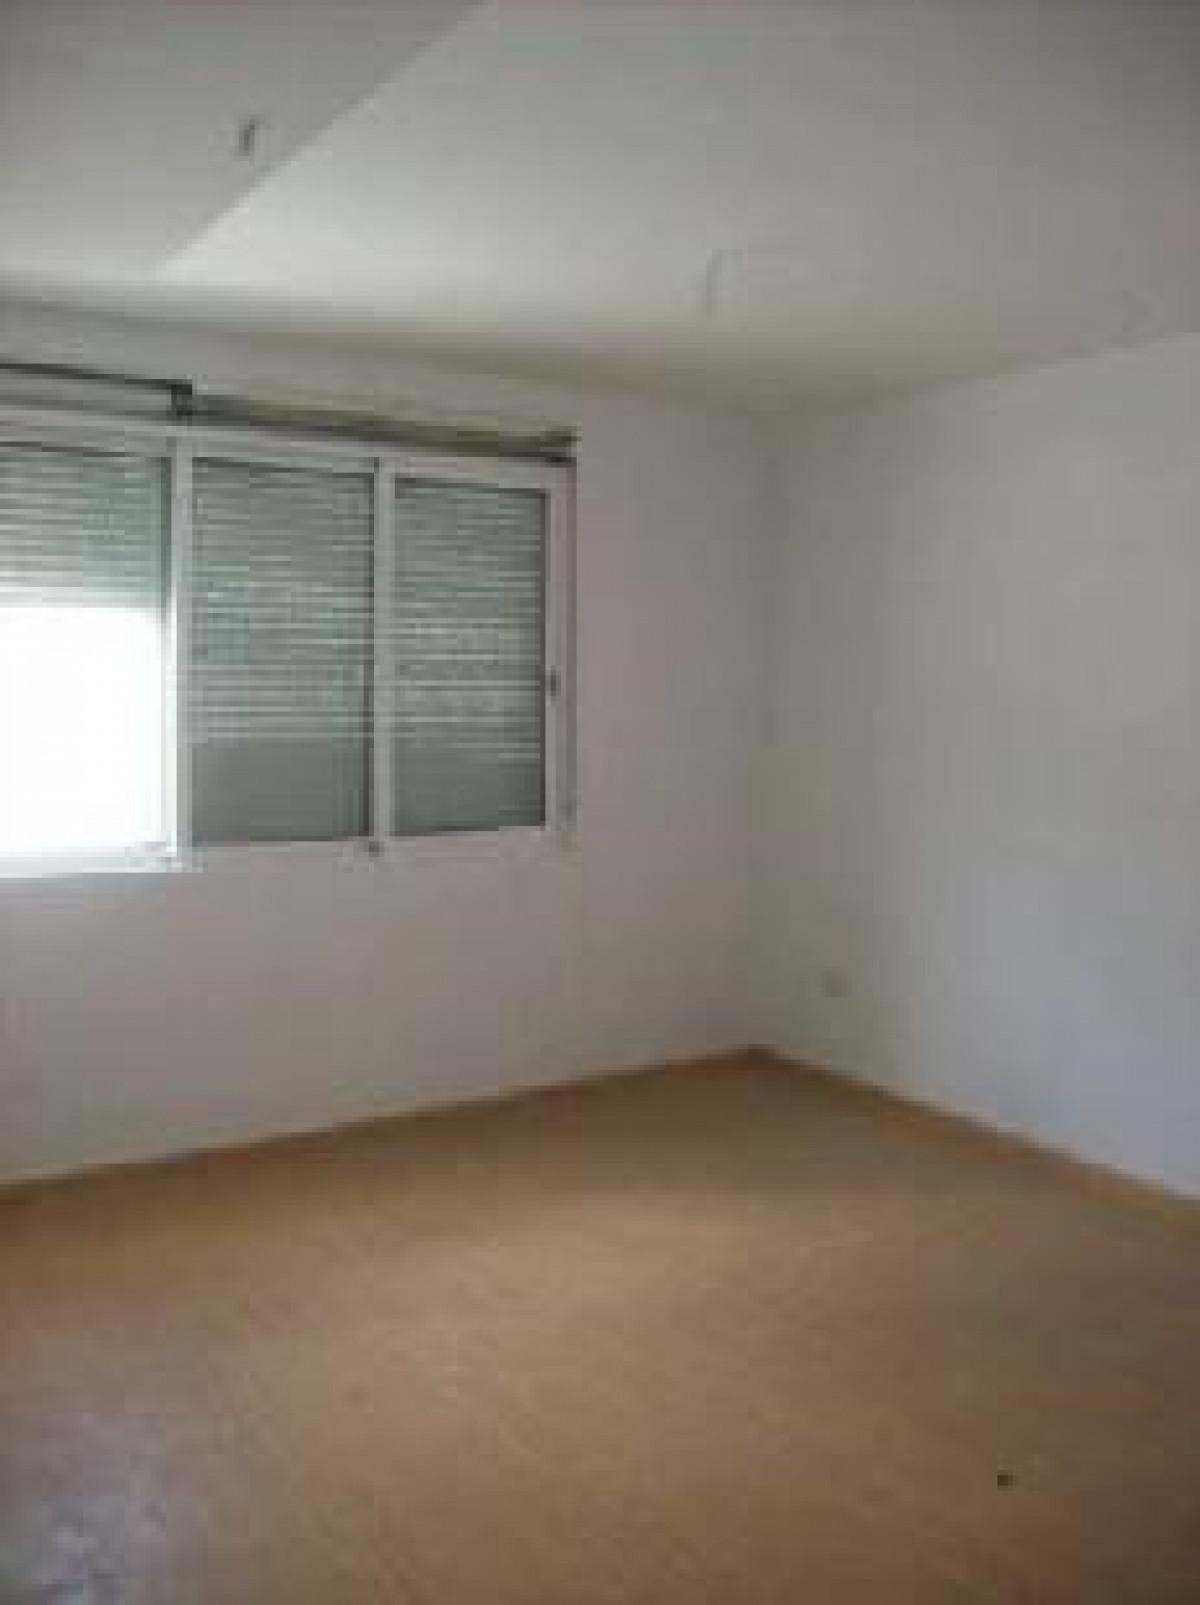 Venta de piso en castalla - imagenInmueble2